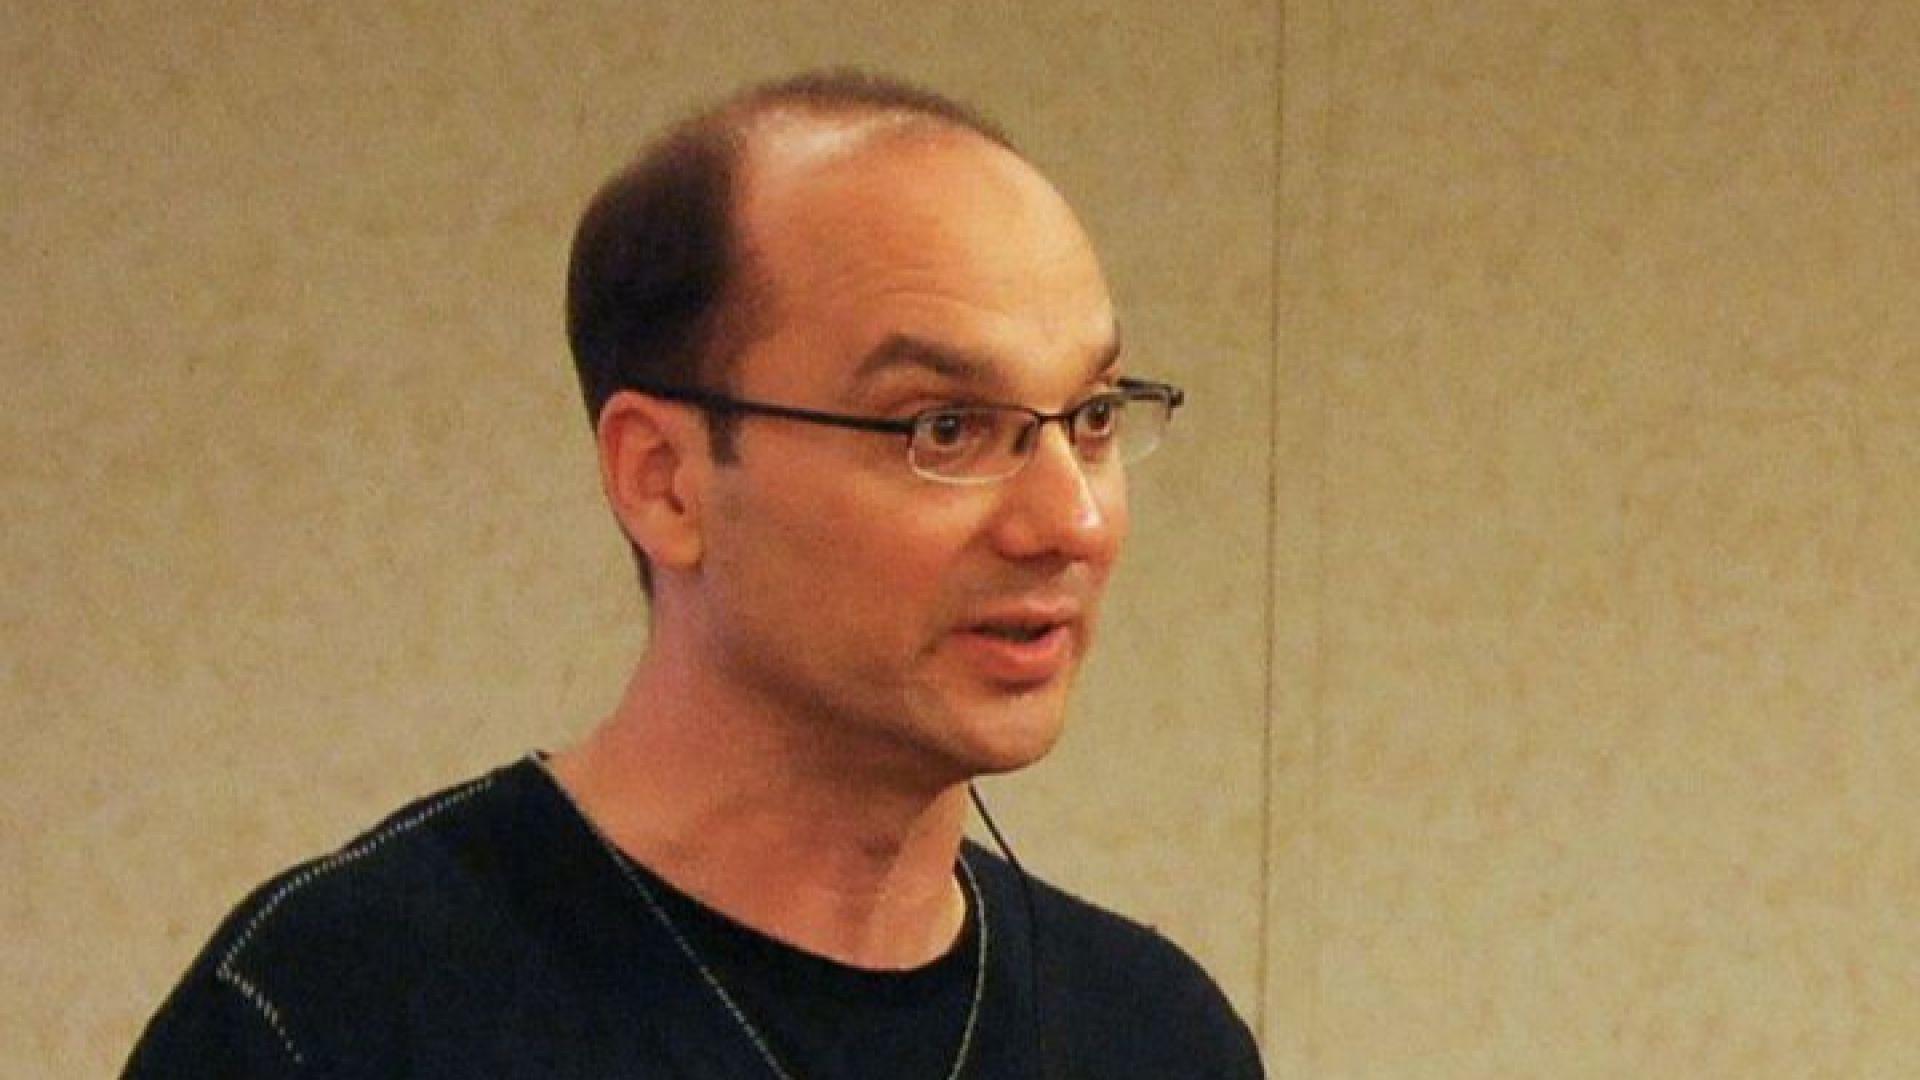 Създателят на Android закрива компанията си